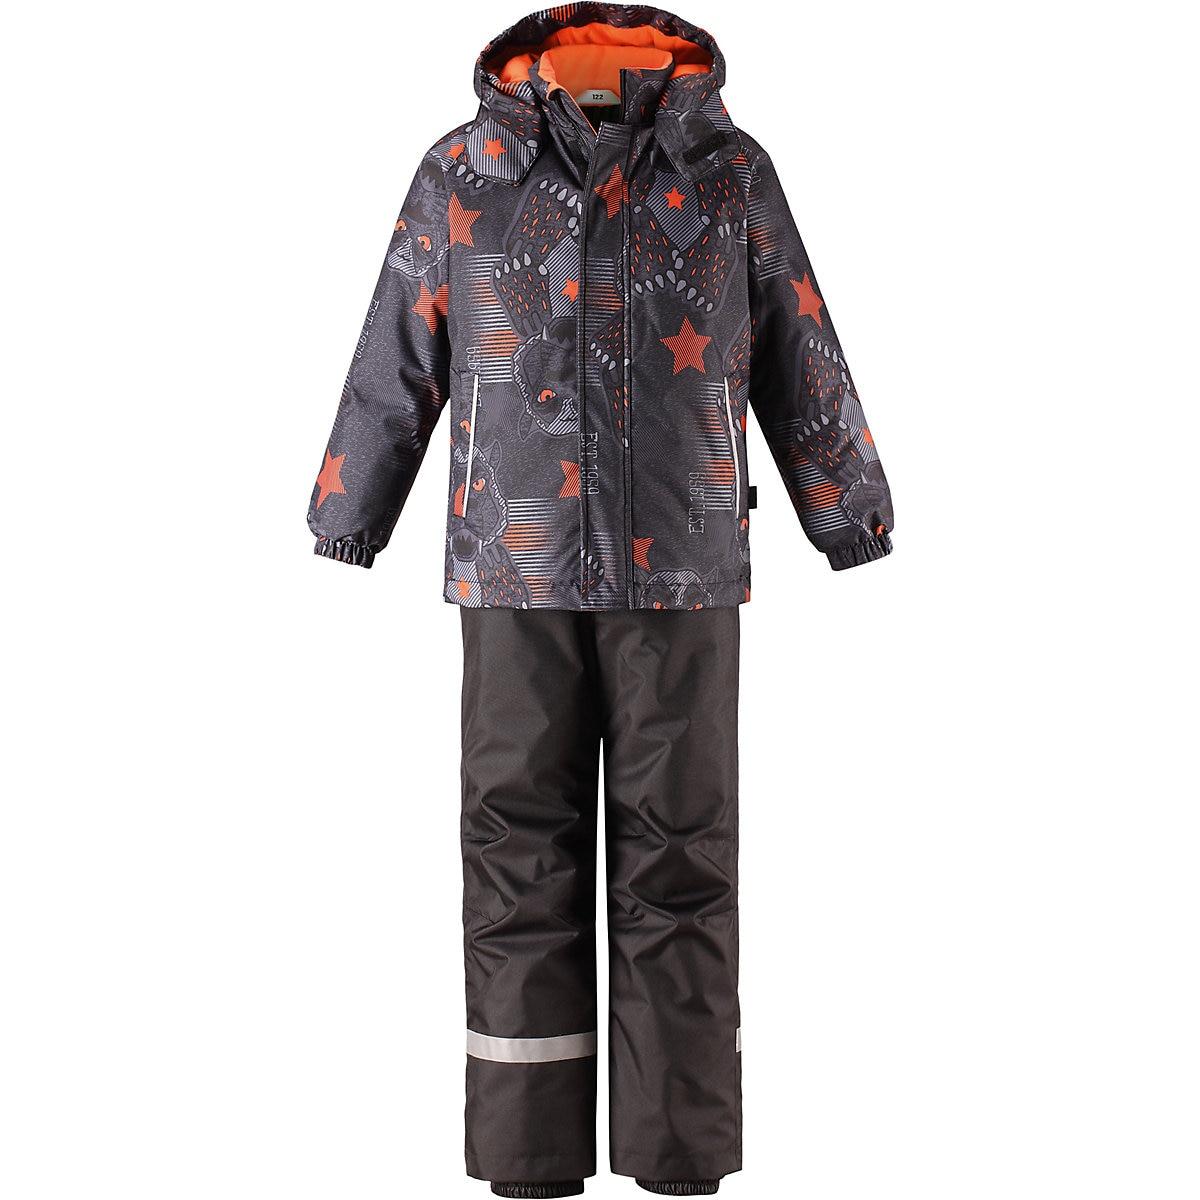 Ensembles pour enfants LASSIE pour garçons 8627671 survêtement d'hiver enfants vêtements chauds MTpromo